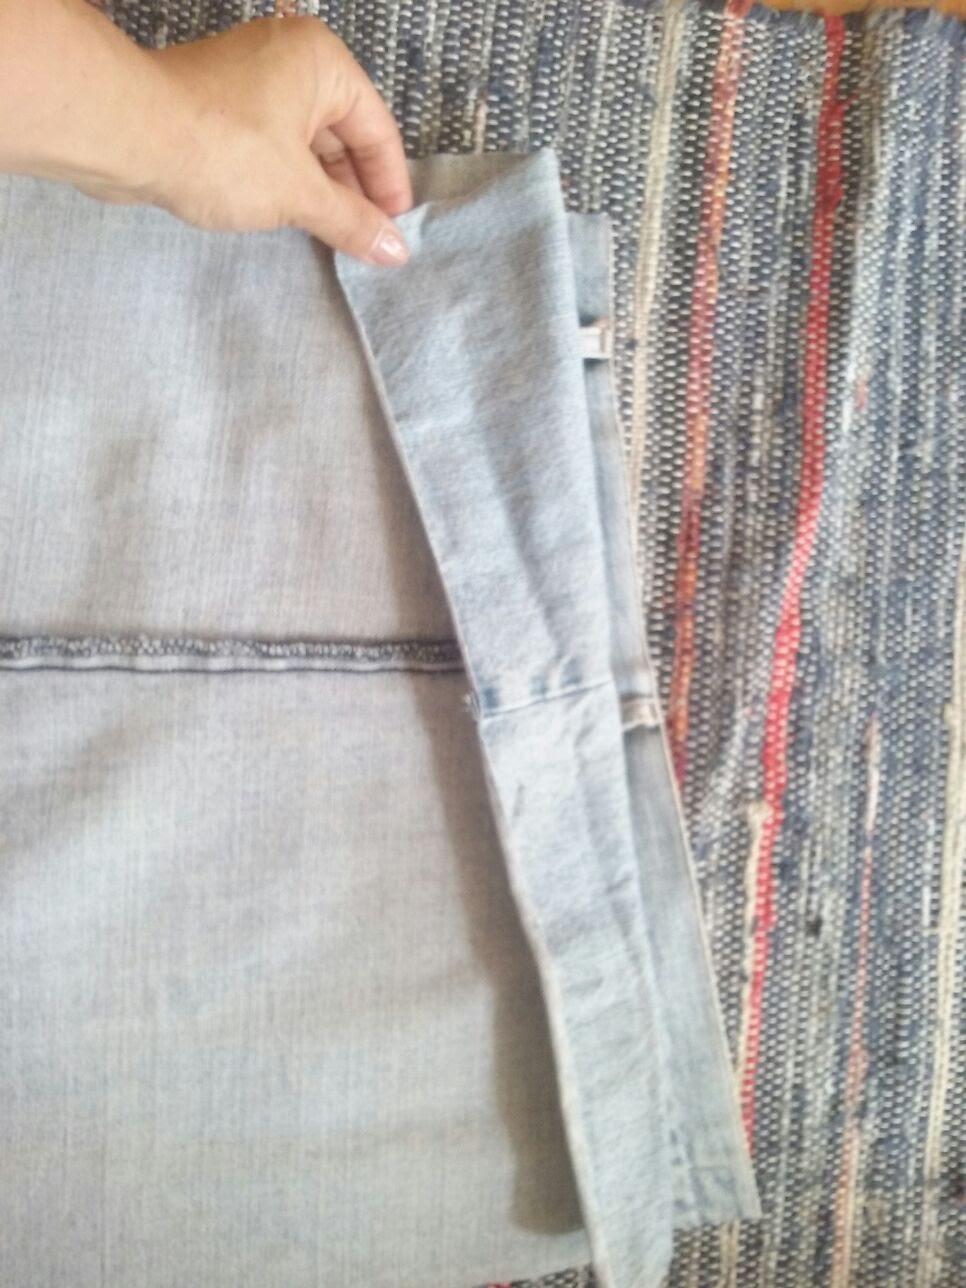 6-acertar_costuras Passo a passo - upcycling de calças de ganga